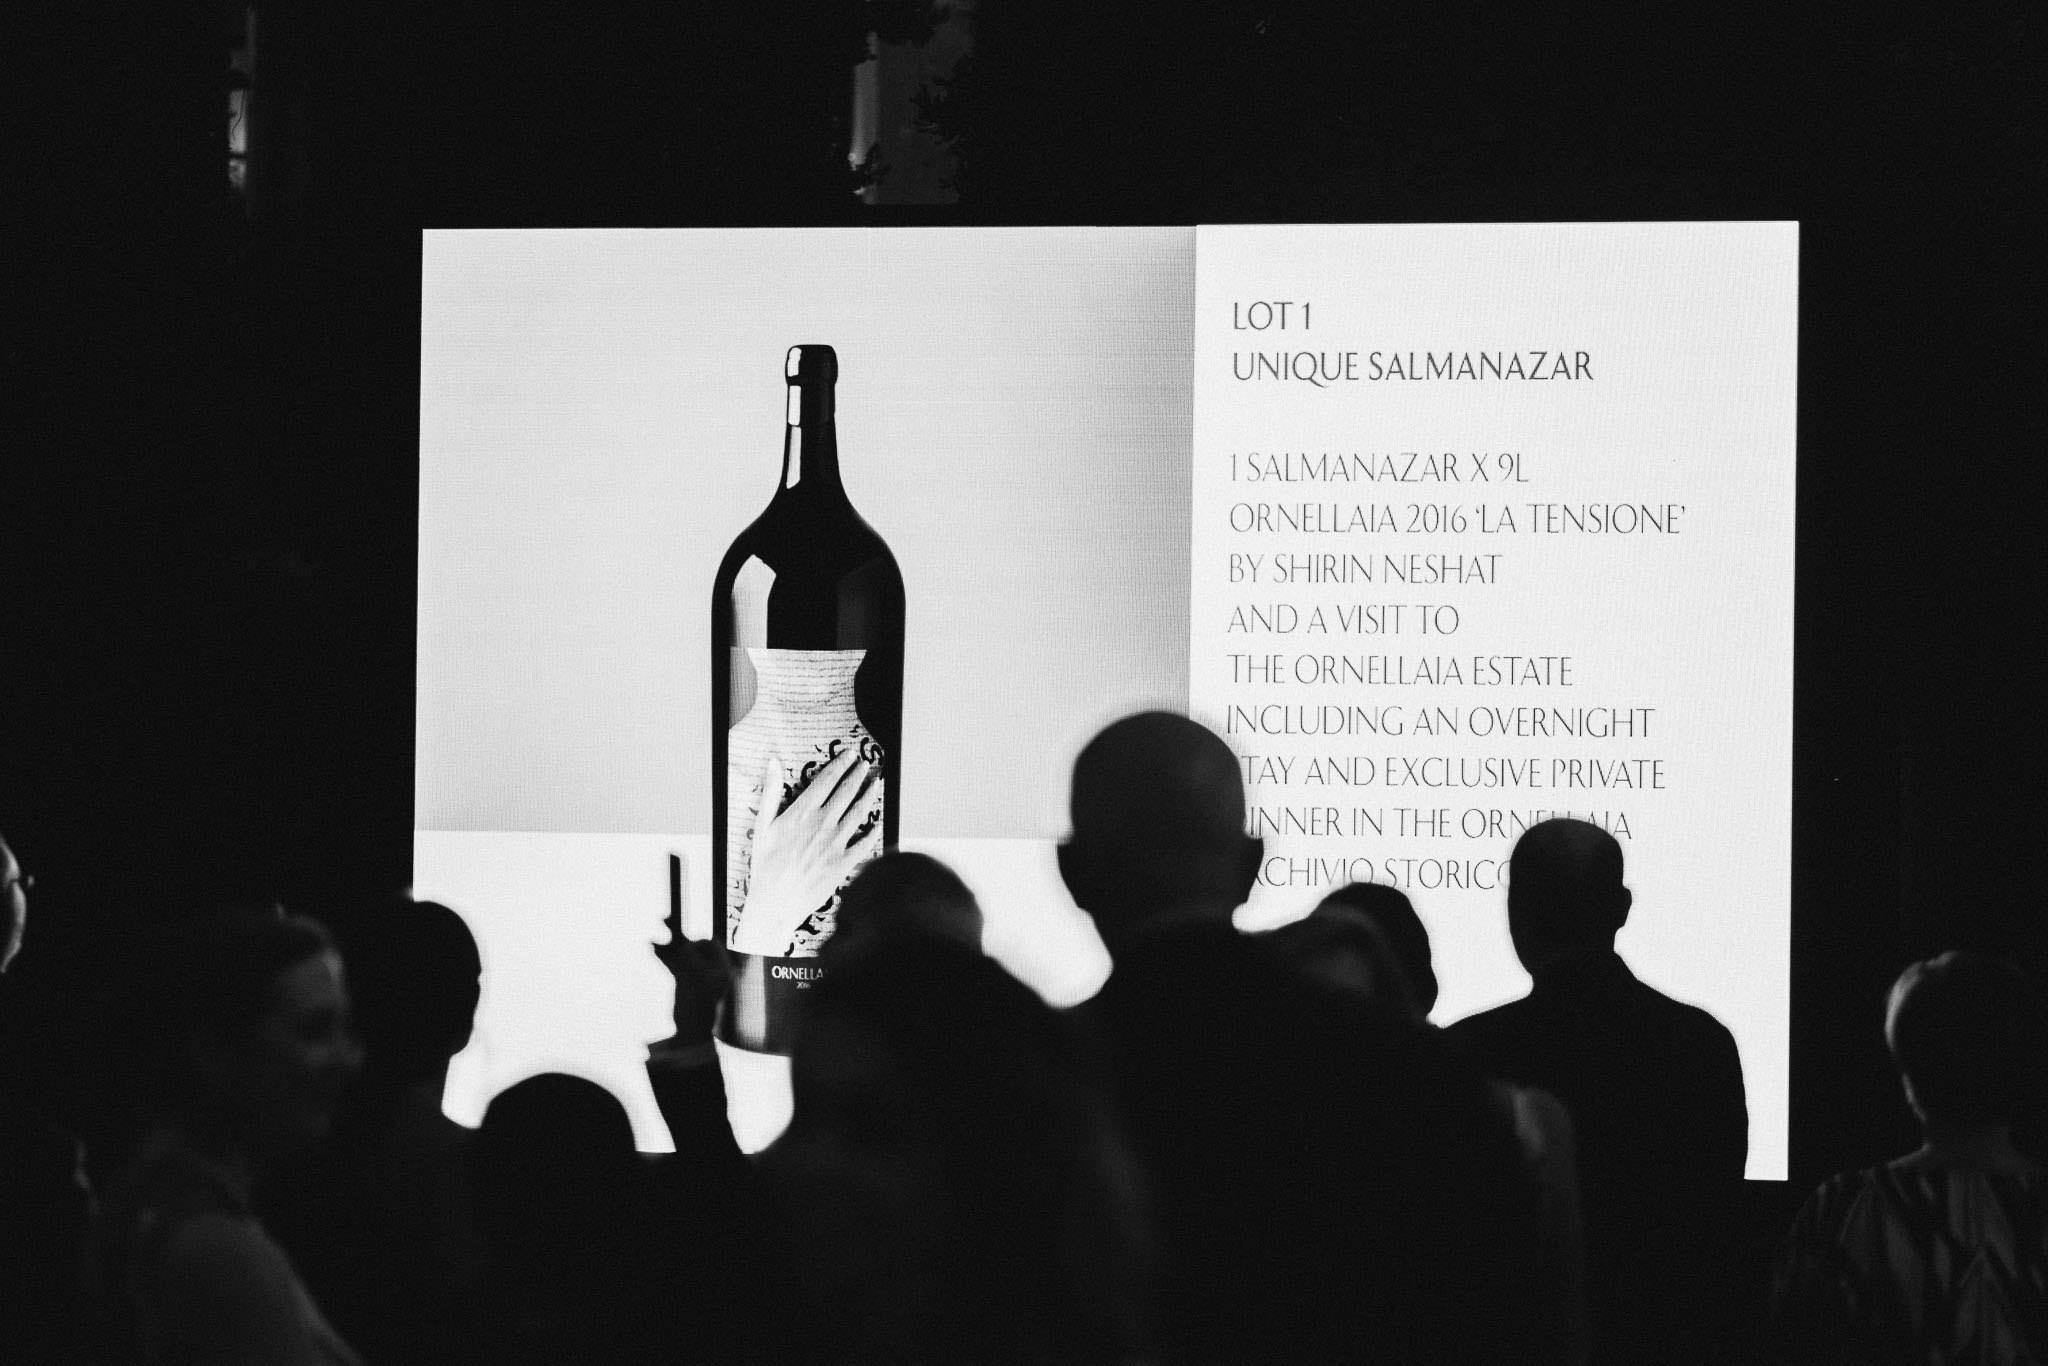 Ornellaia da record. La poetica vendemmia d'artista firmata Shirin Neshat vola oltre i 300 mila dollari